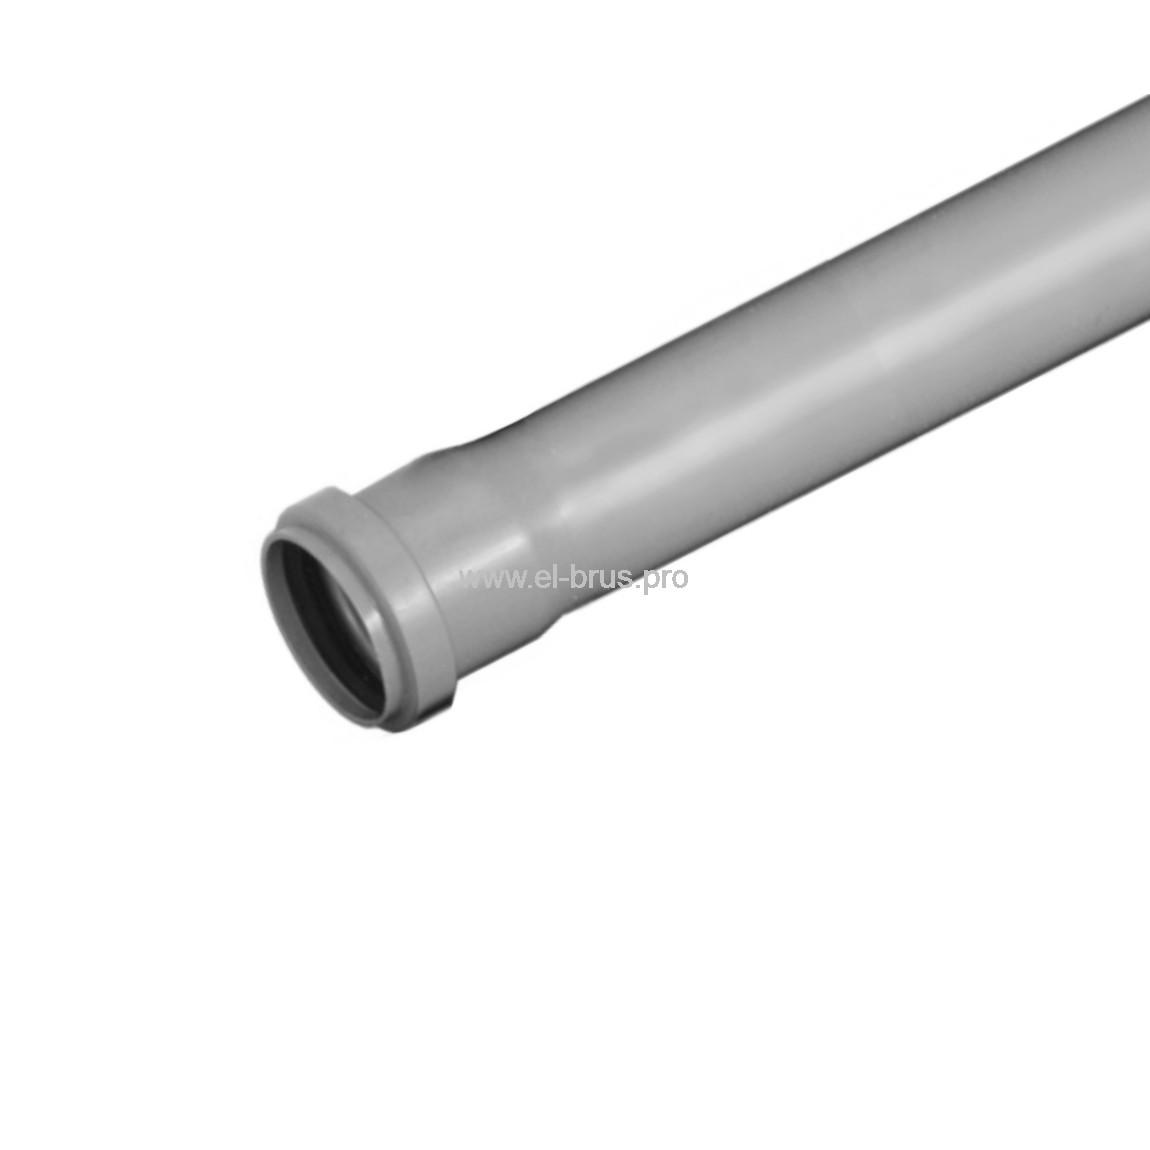 Труба с раструбом ПП  Ø50х1,8х250мм ВК ПОЛИТЭК